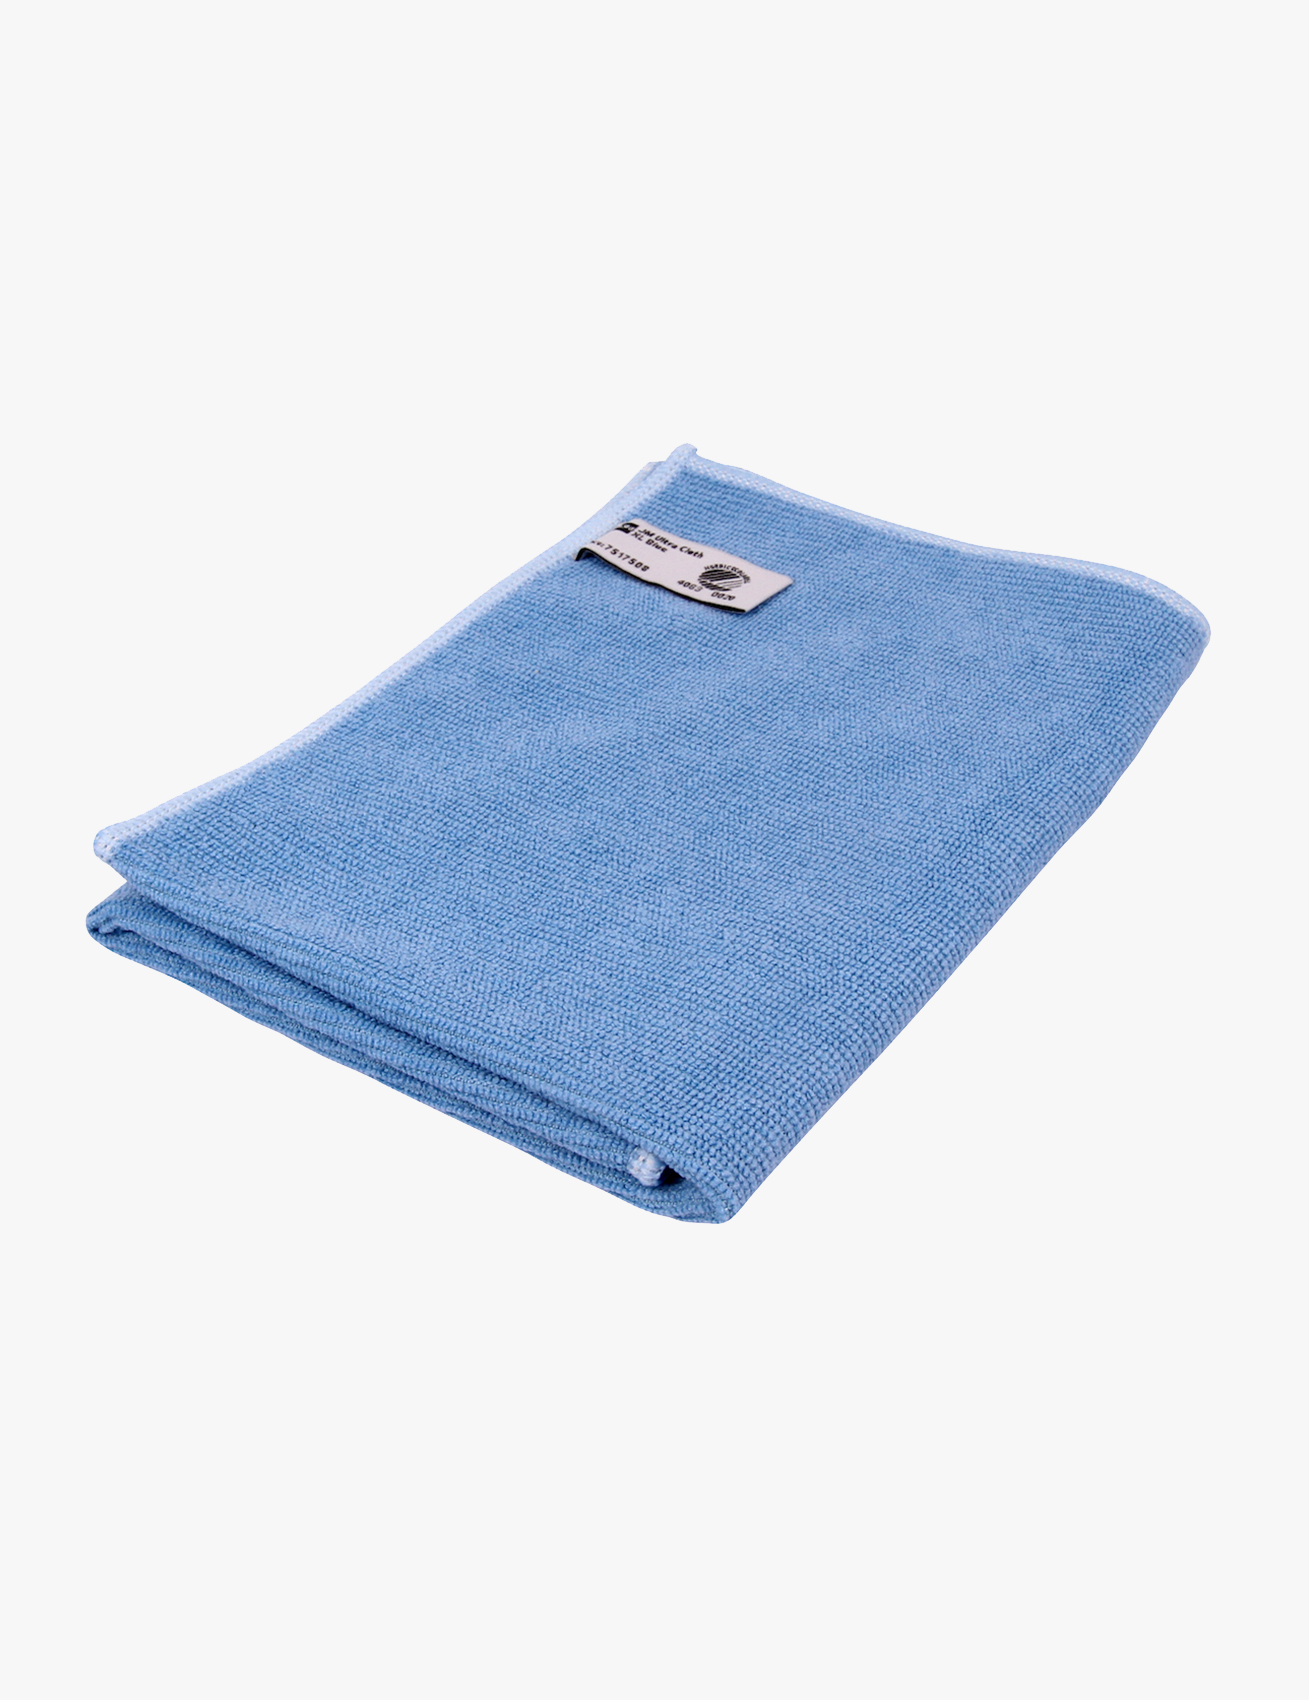 Серветка для прибирання TASKI JM ULTRA CLOTH, 32х32см, синя